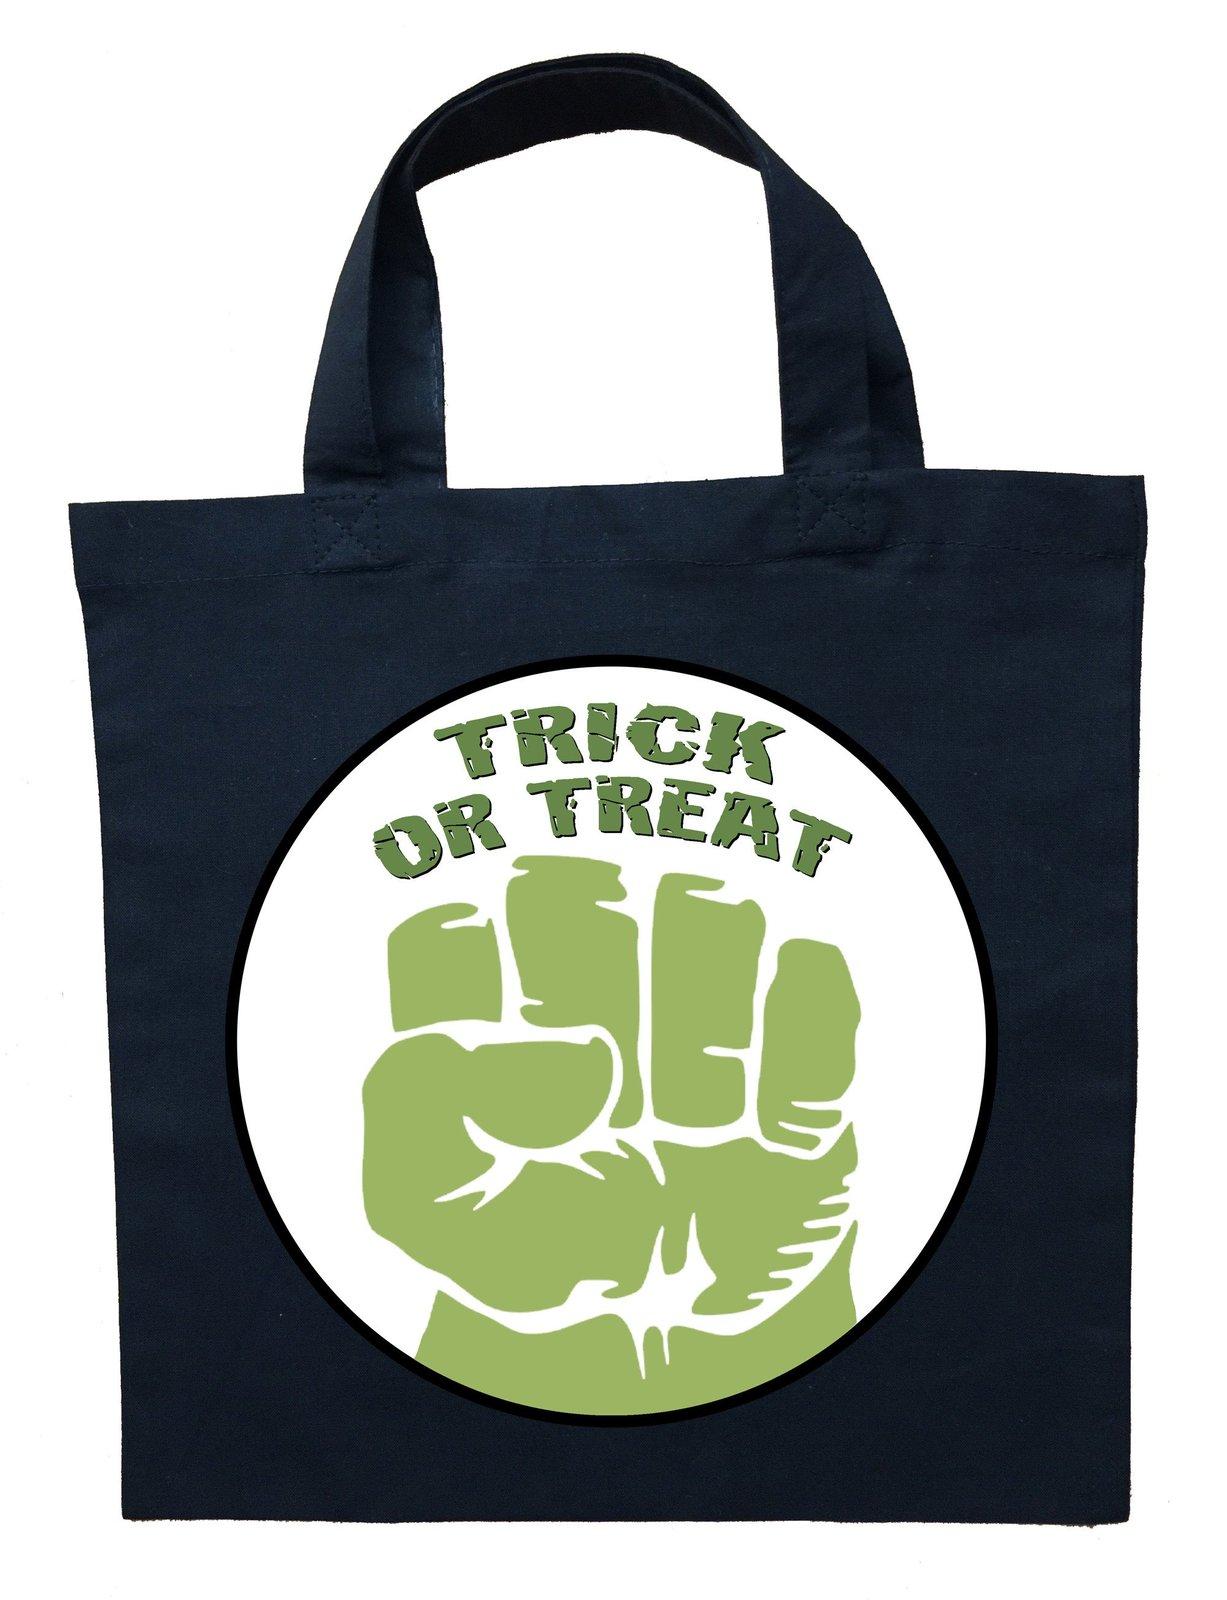 Incredible Hulk Trick or Treat Bag - Personalized Incredible Hulk Halloween Bag